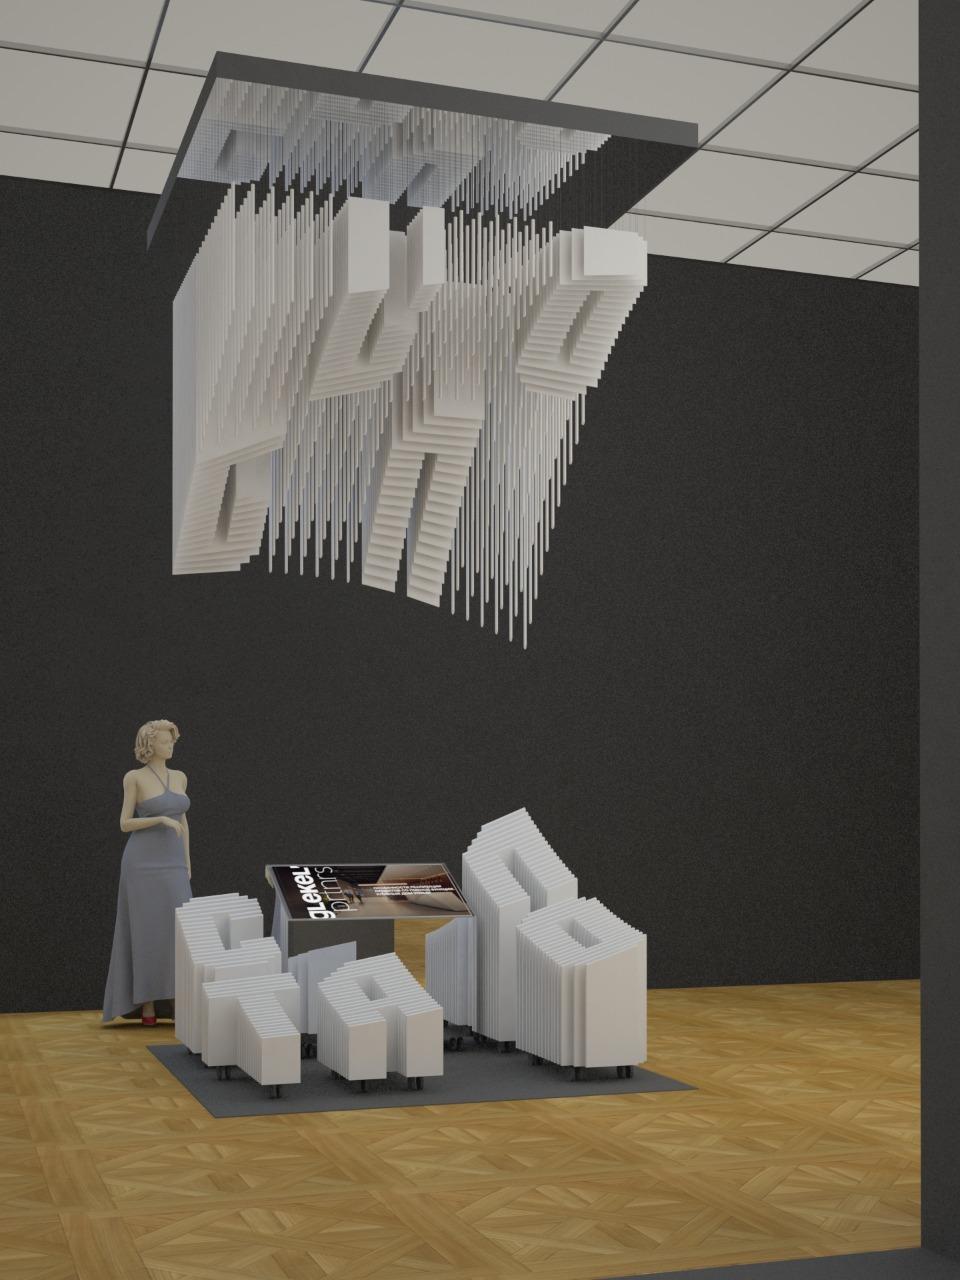 Проект экспозиции «REдевеломпент. Архитектор в построенном городе». GlekelPartners